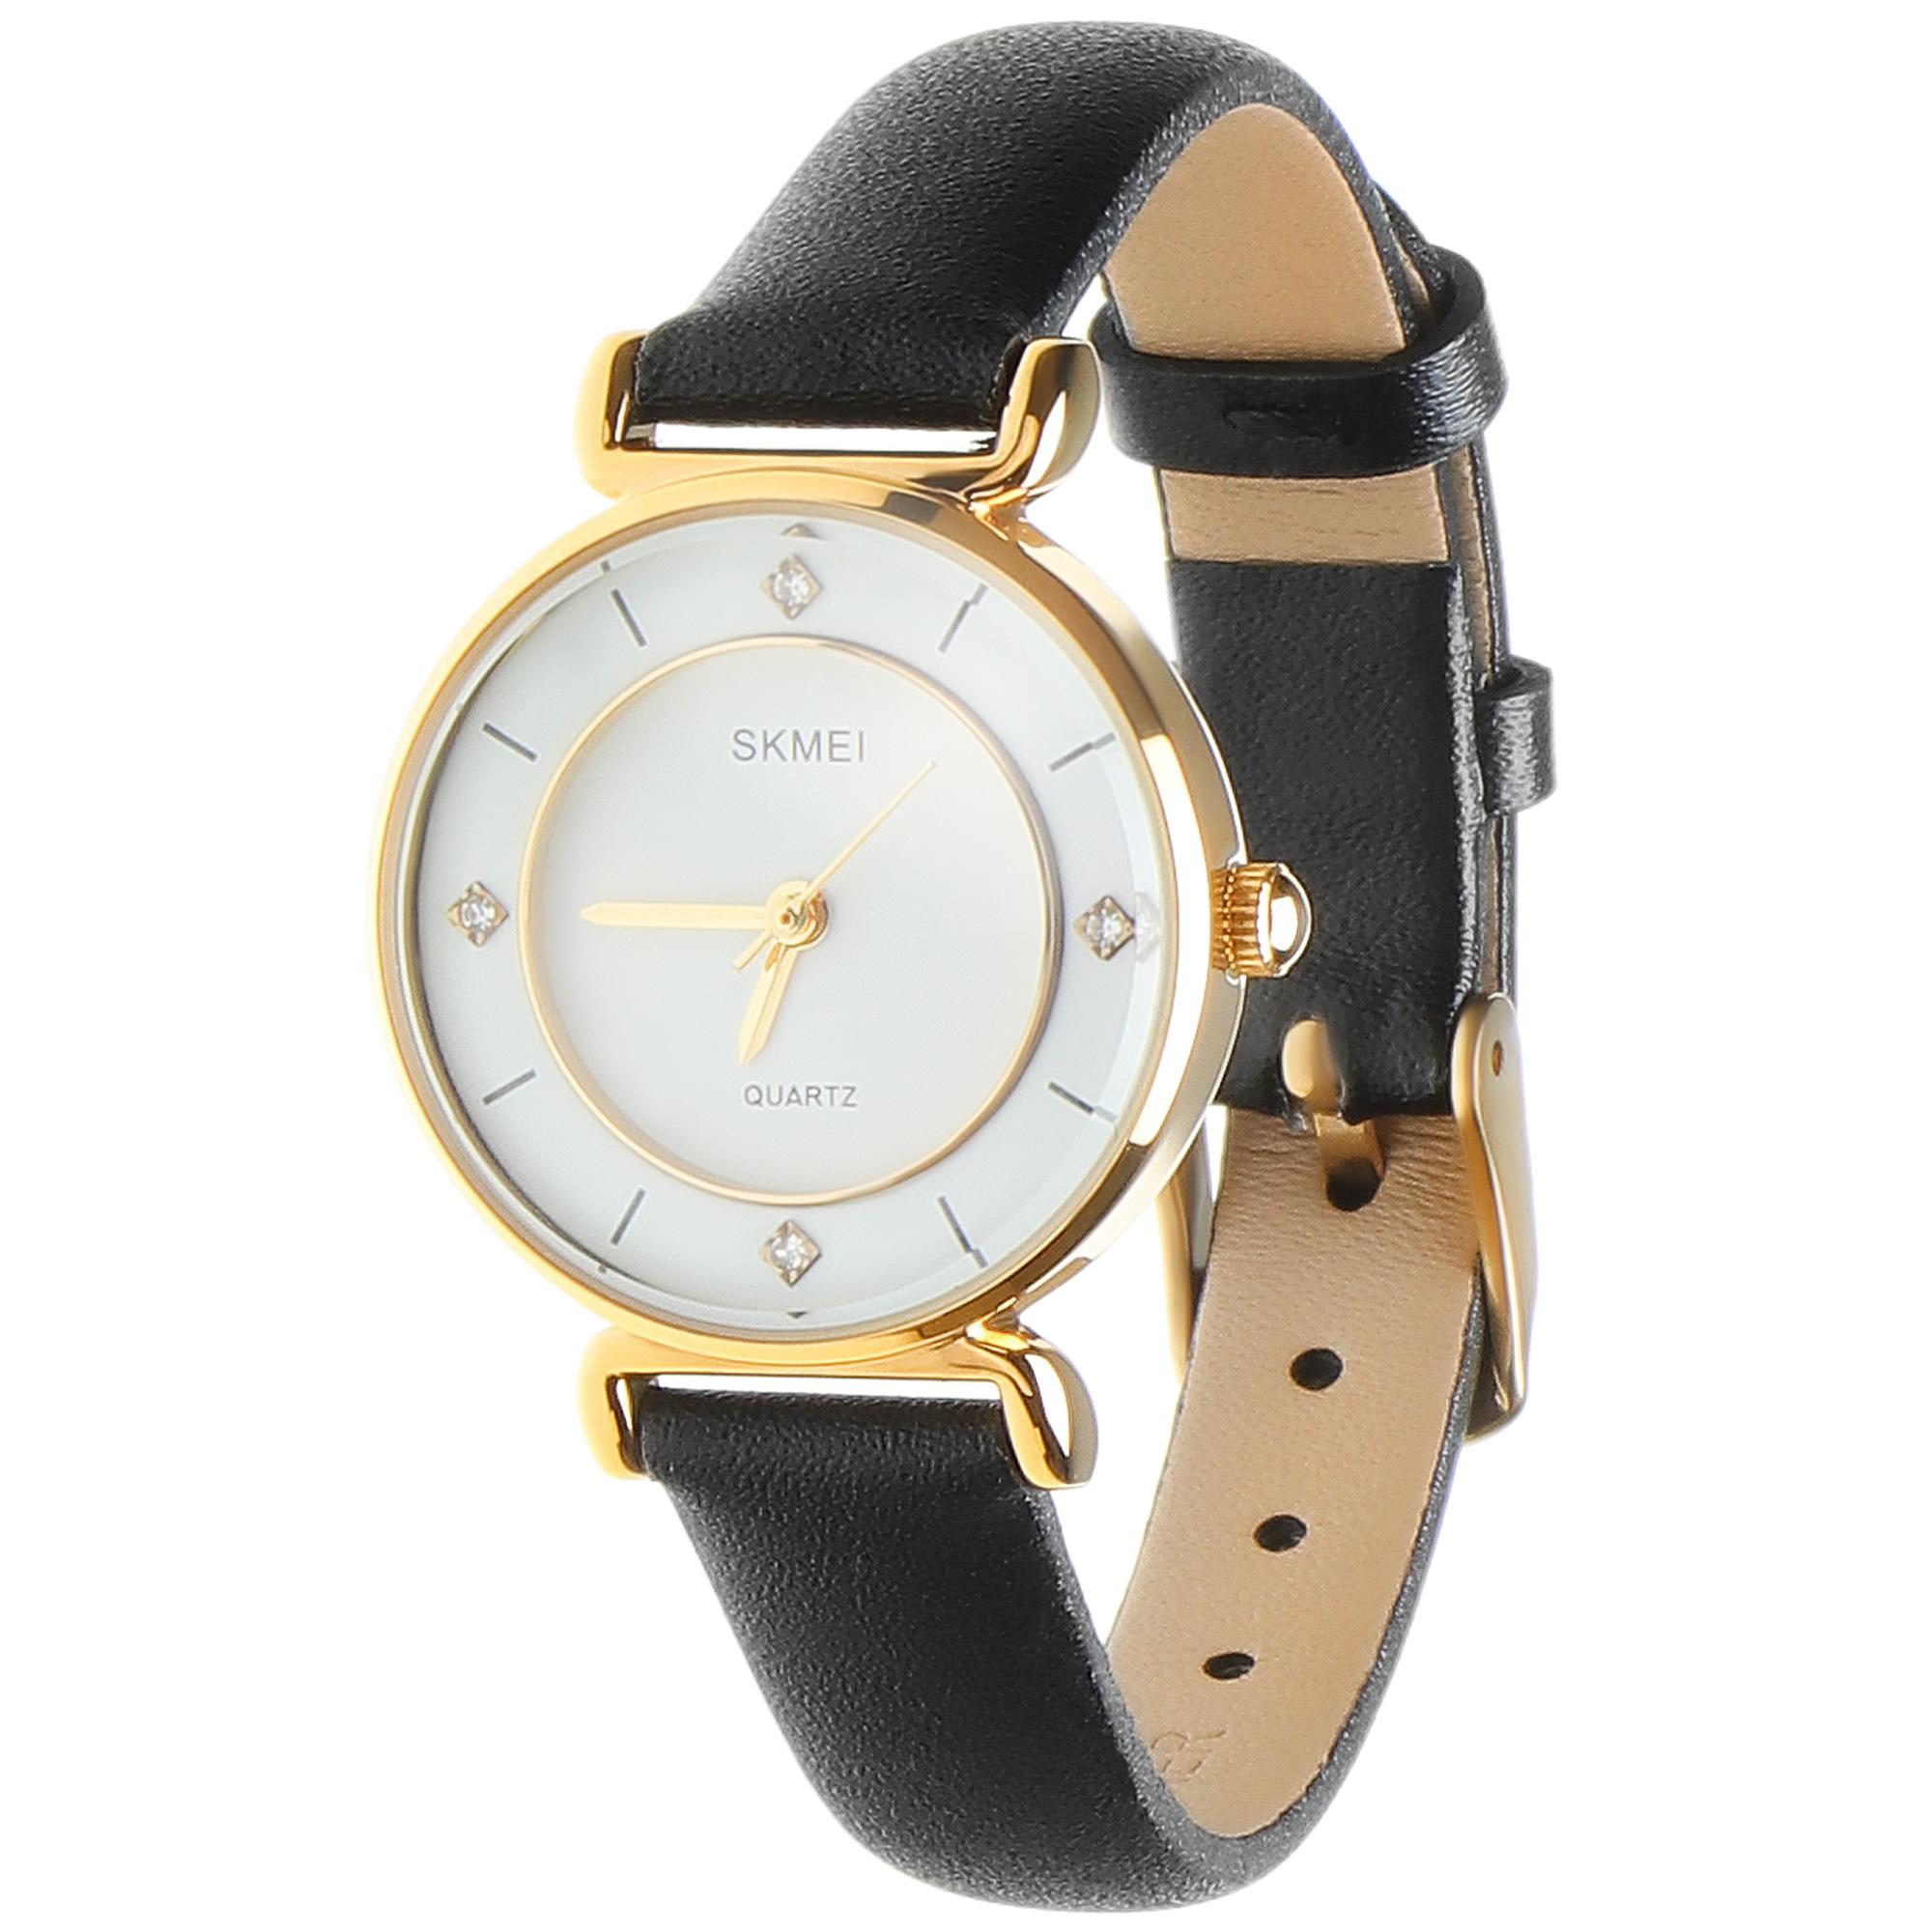 Часы наручные SKMEI SKMC32180201 часы наручные shiyi watch skmei skmb041902g